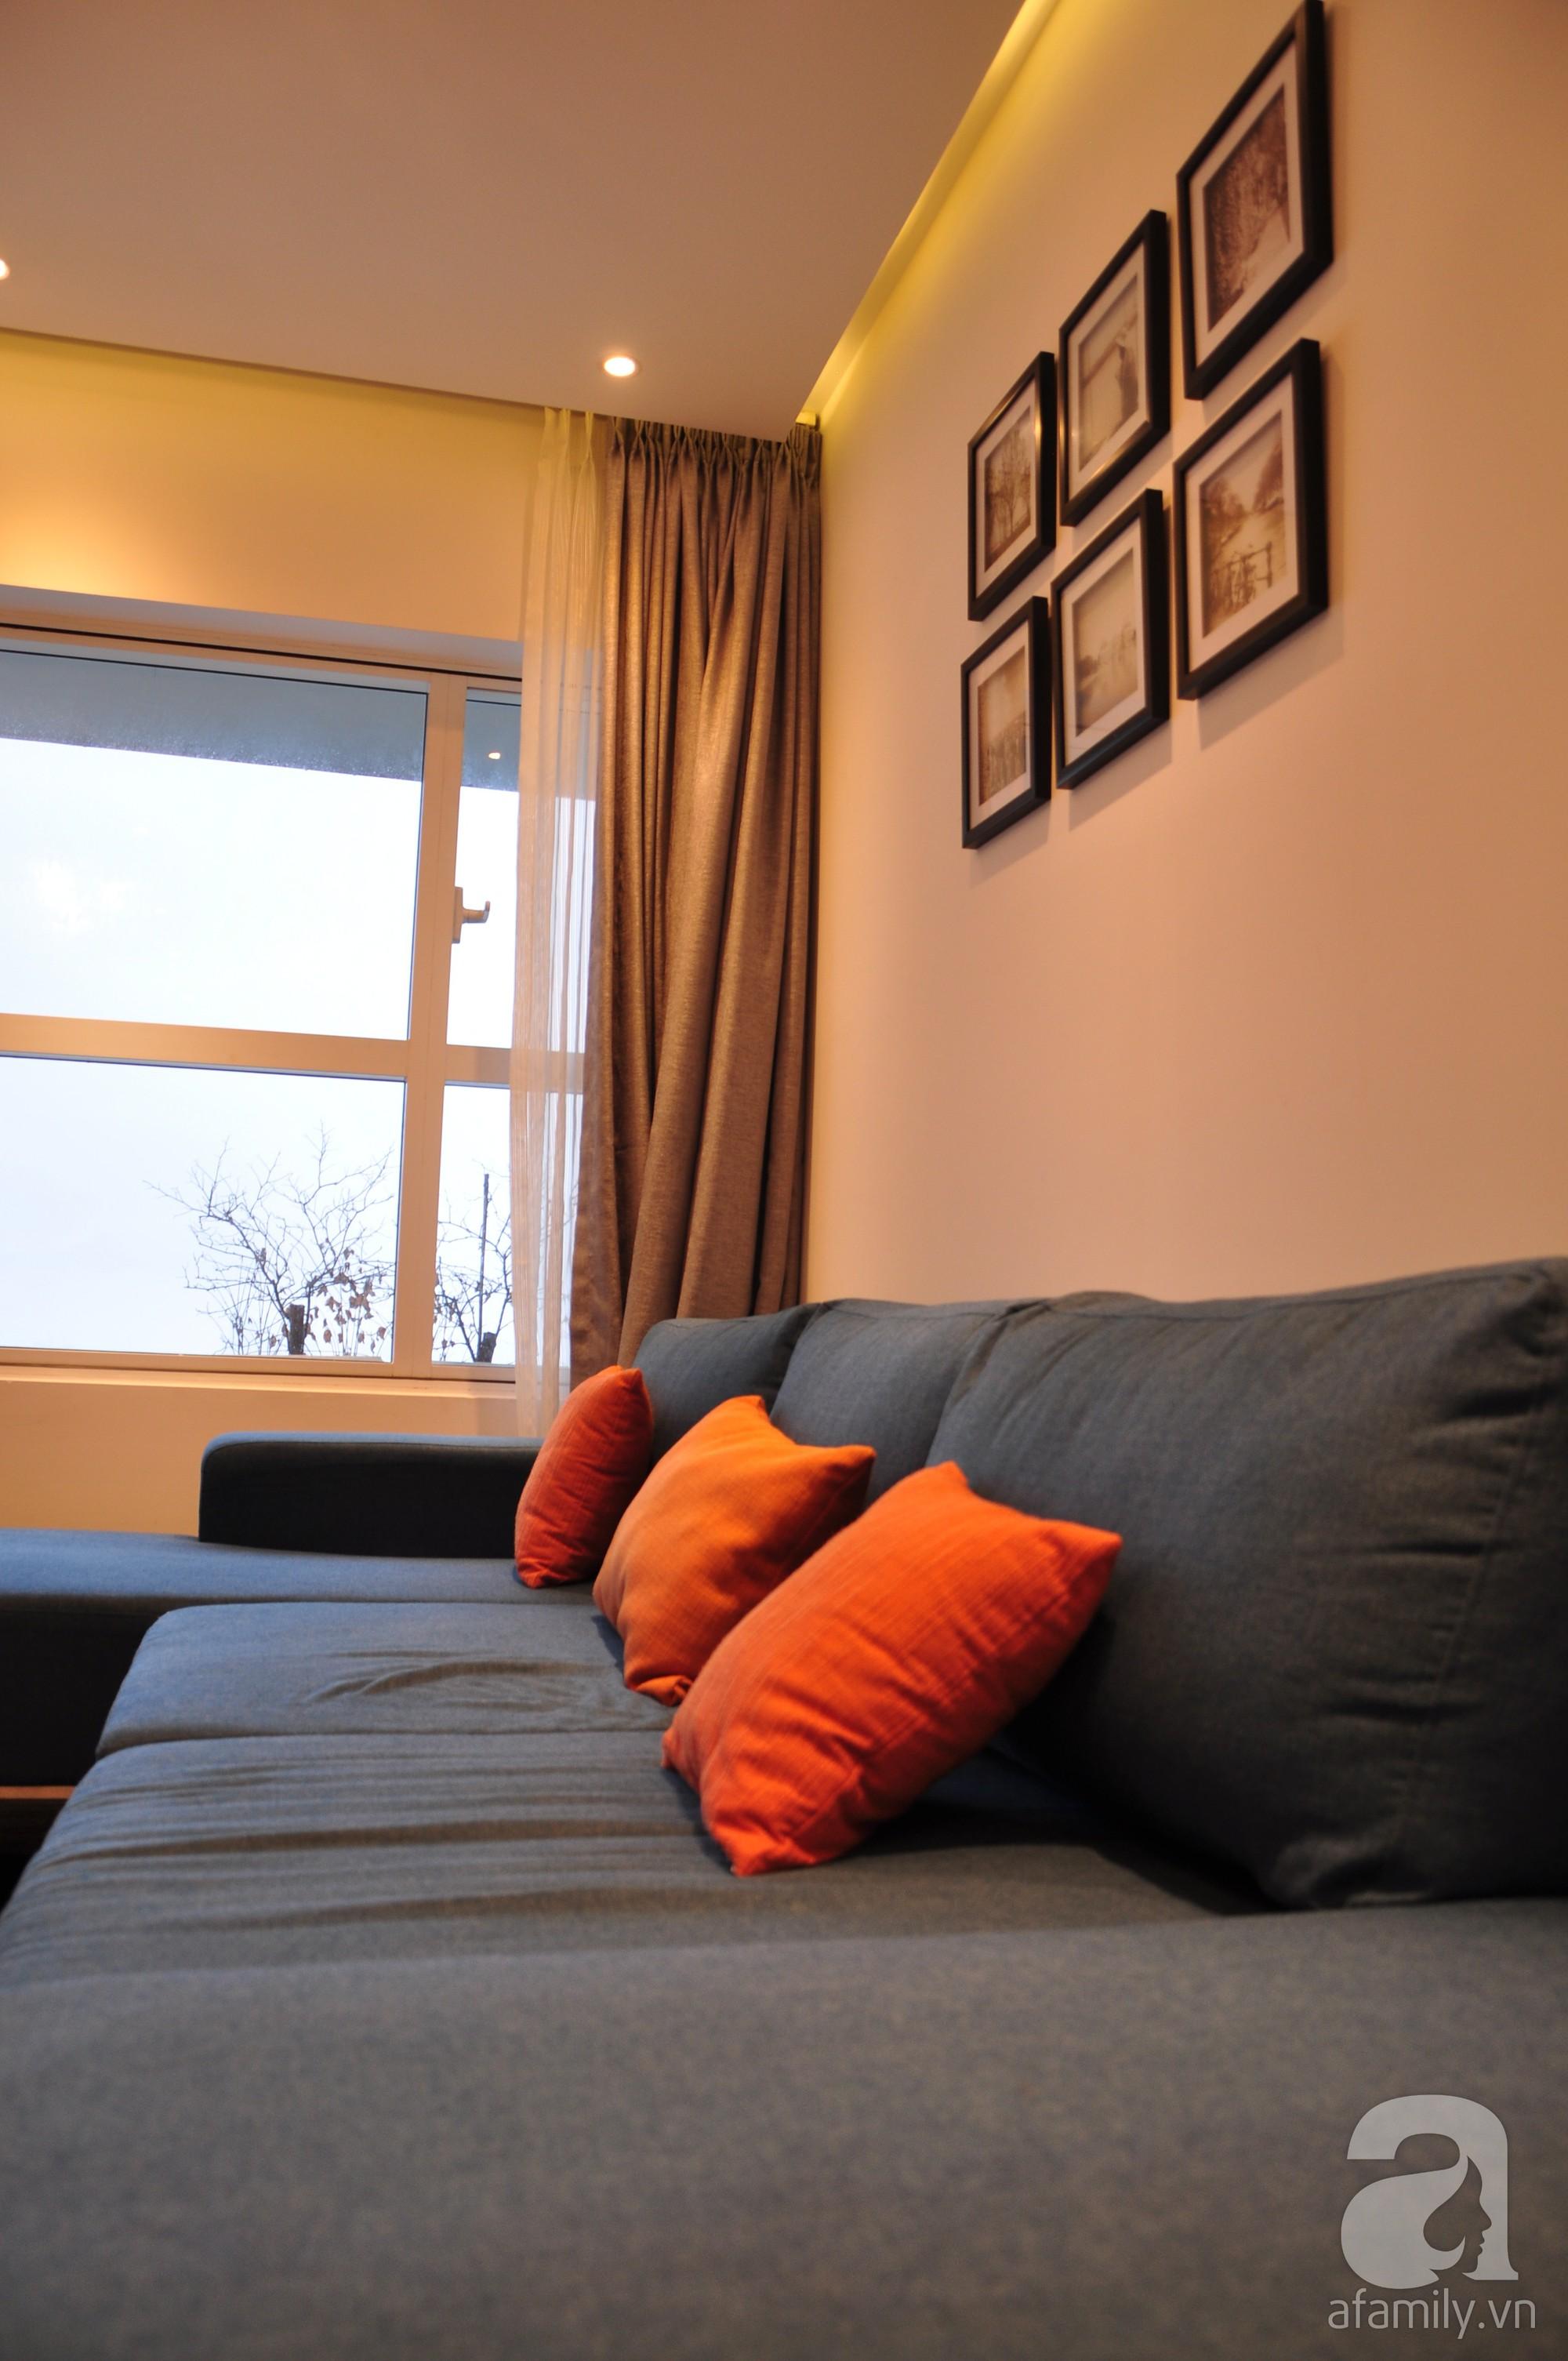 Căn hộ nhỏ 55m² ở quận 7, Sài Gòn nổi bật phong cách tận hưởng cuộc sống do anh chàng độc thân tự tay bố trí nội thất - Ảnh 4.